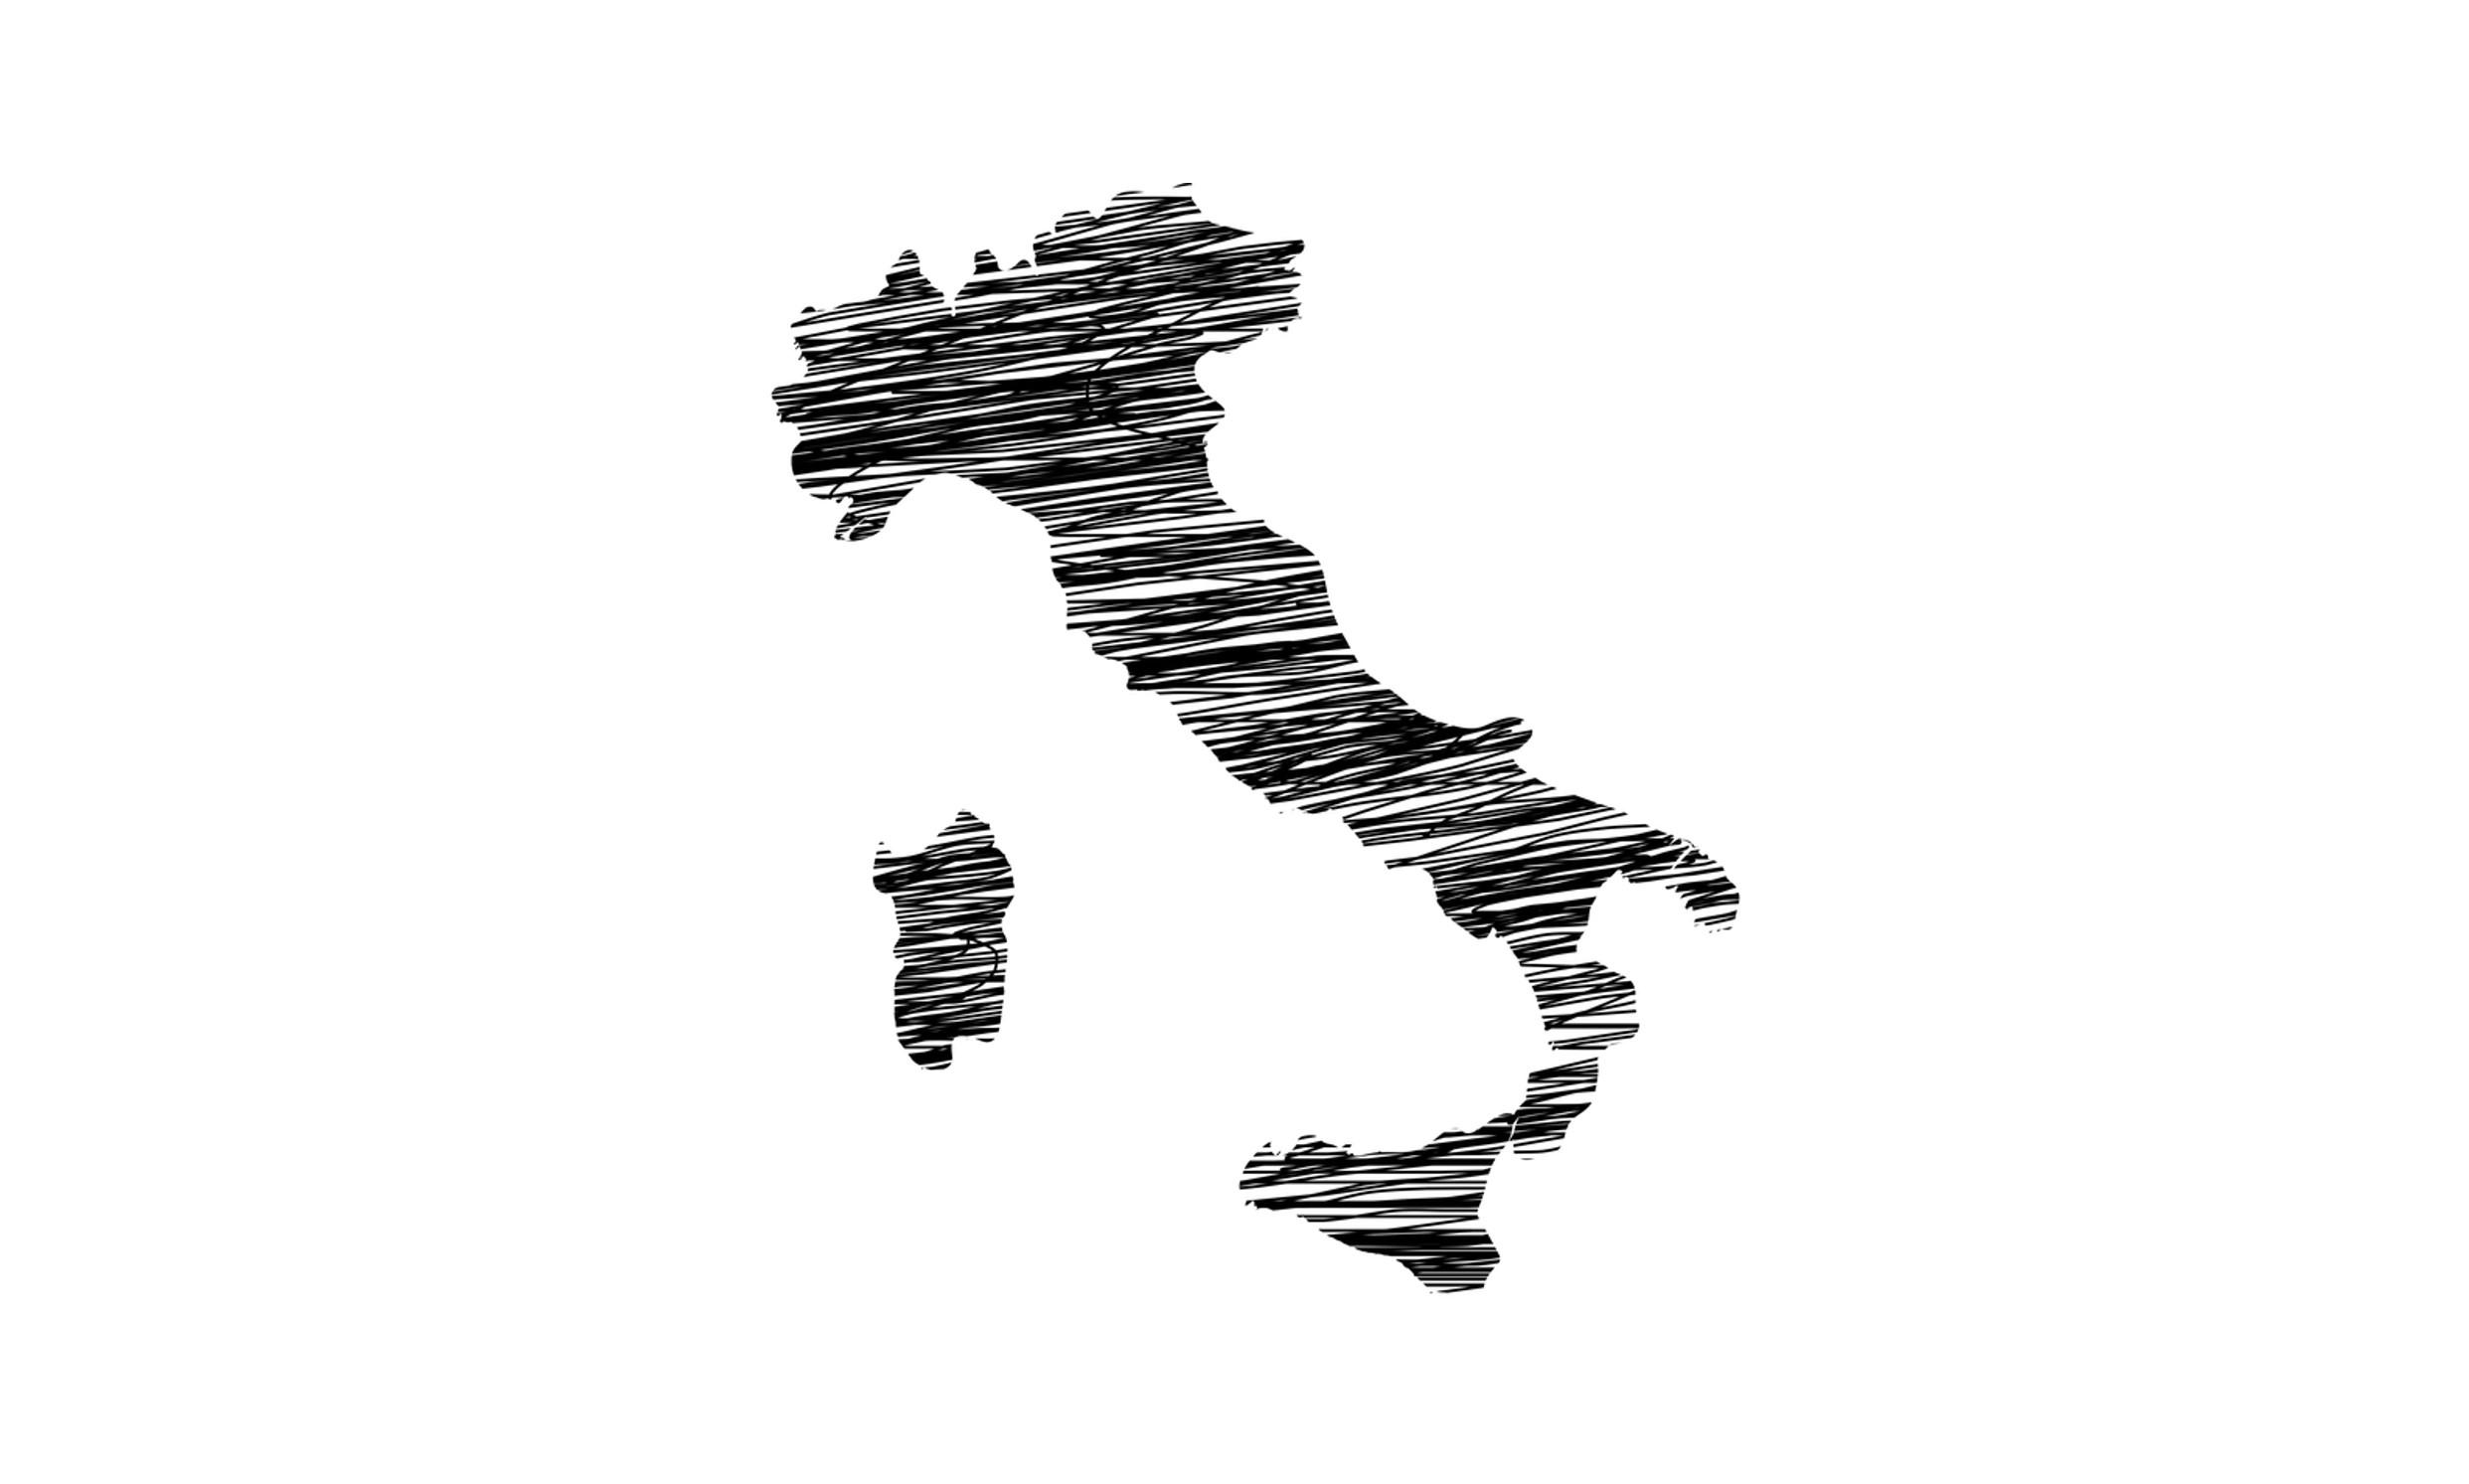 Layout dell'Italia disegnato in matita nera